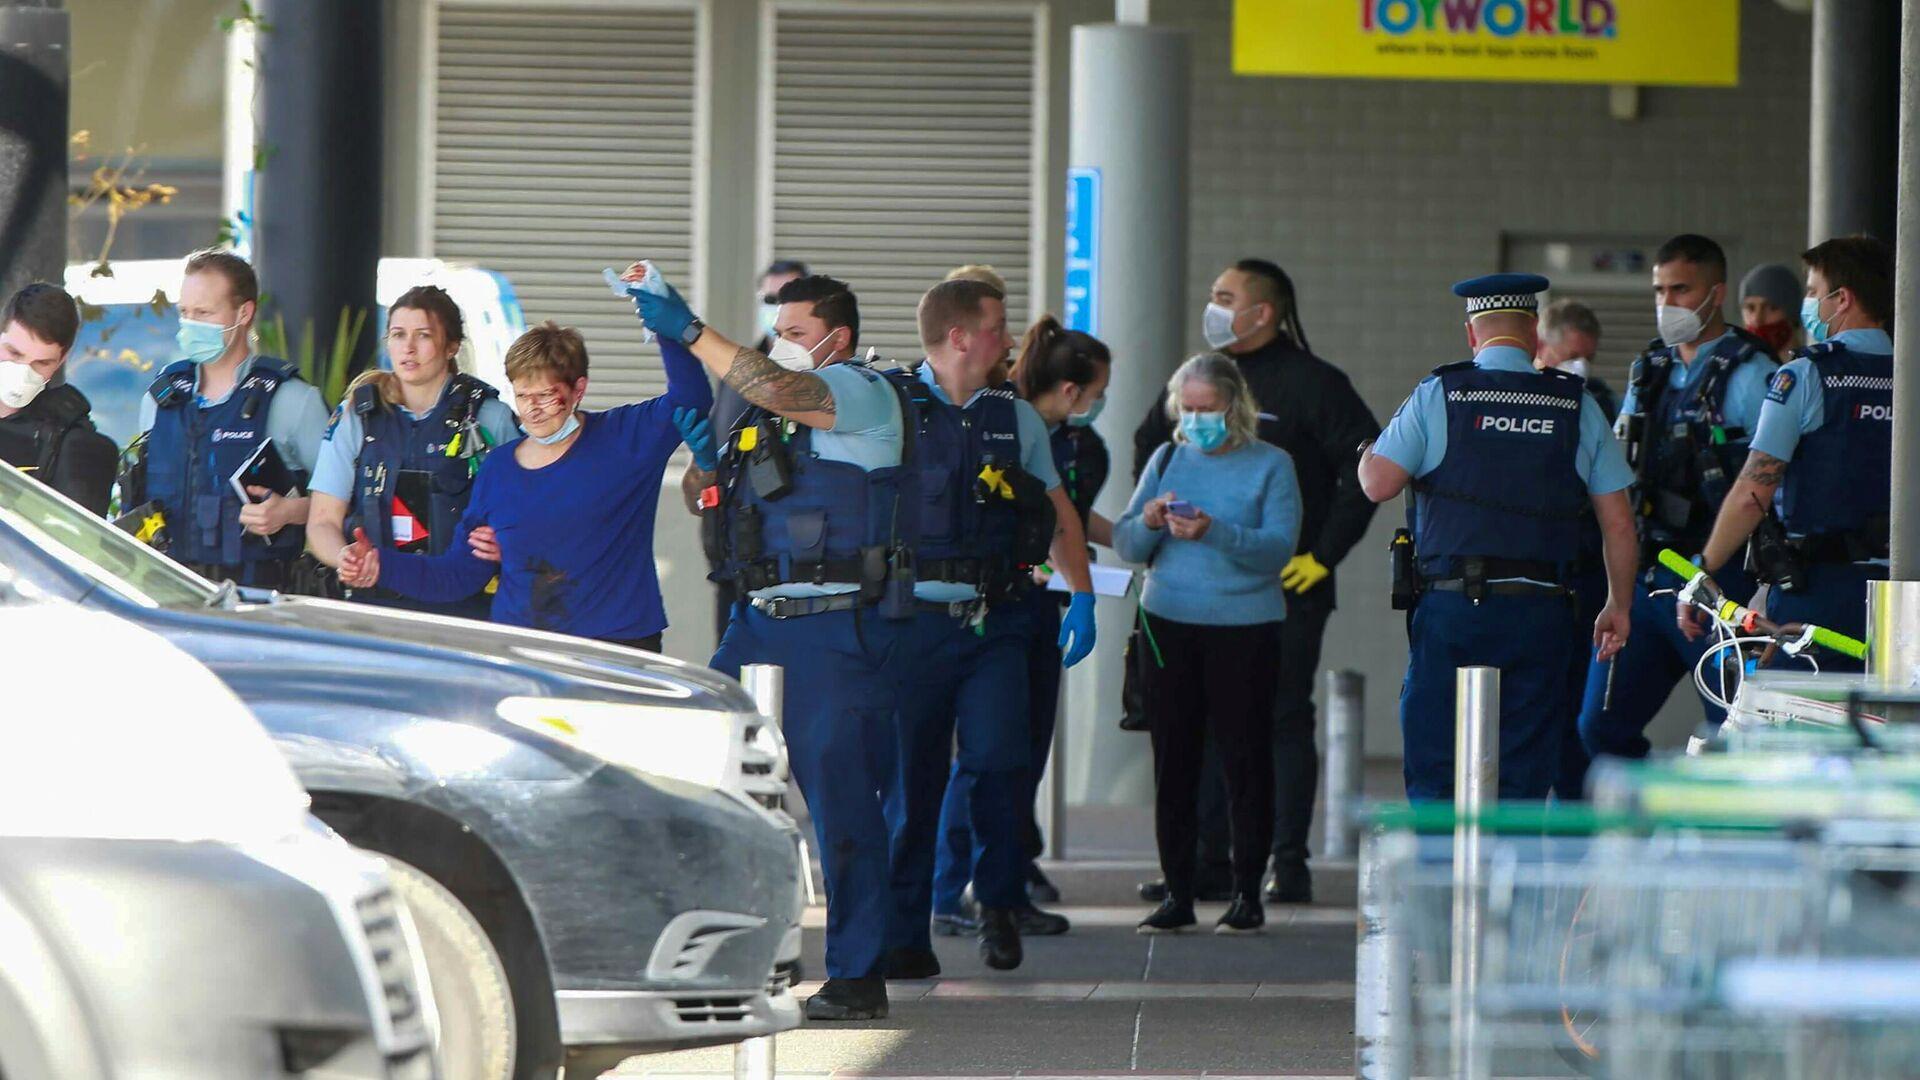 Полиција испред супермаркета после напада у Окланду на Новом Зеланду - Sputnik Србија, 1920, 03.09.2021